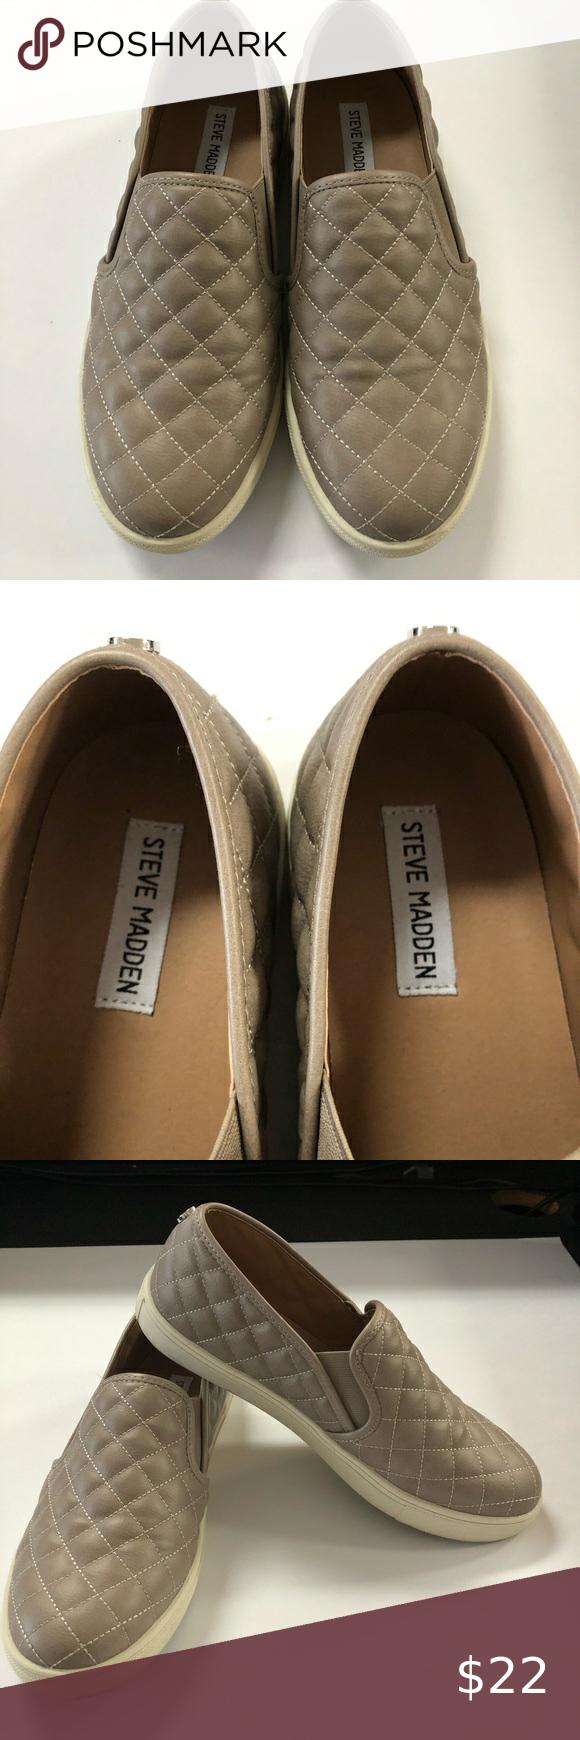 Steve madden shoes sneakers, Steve